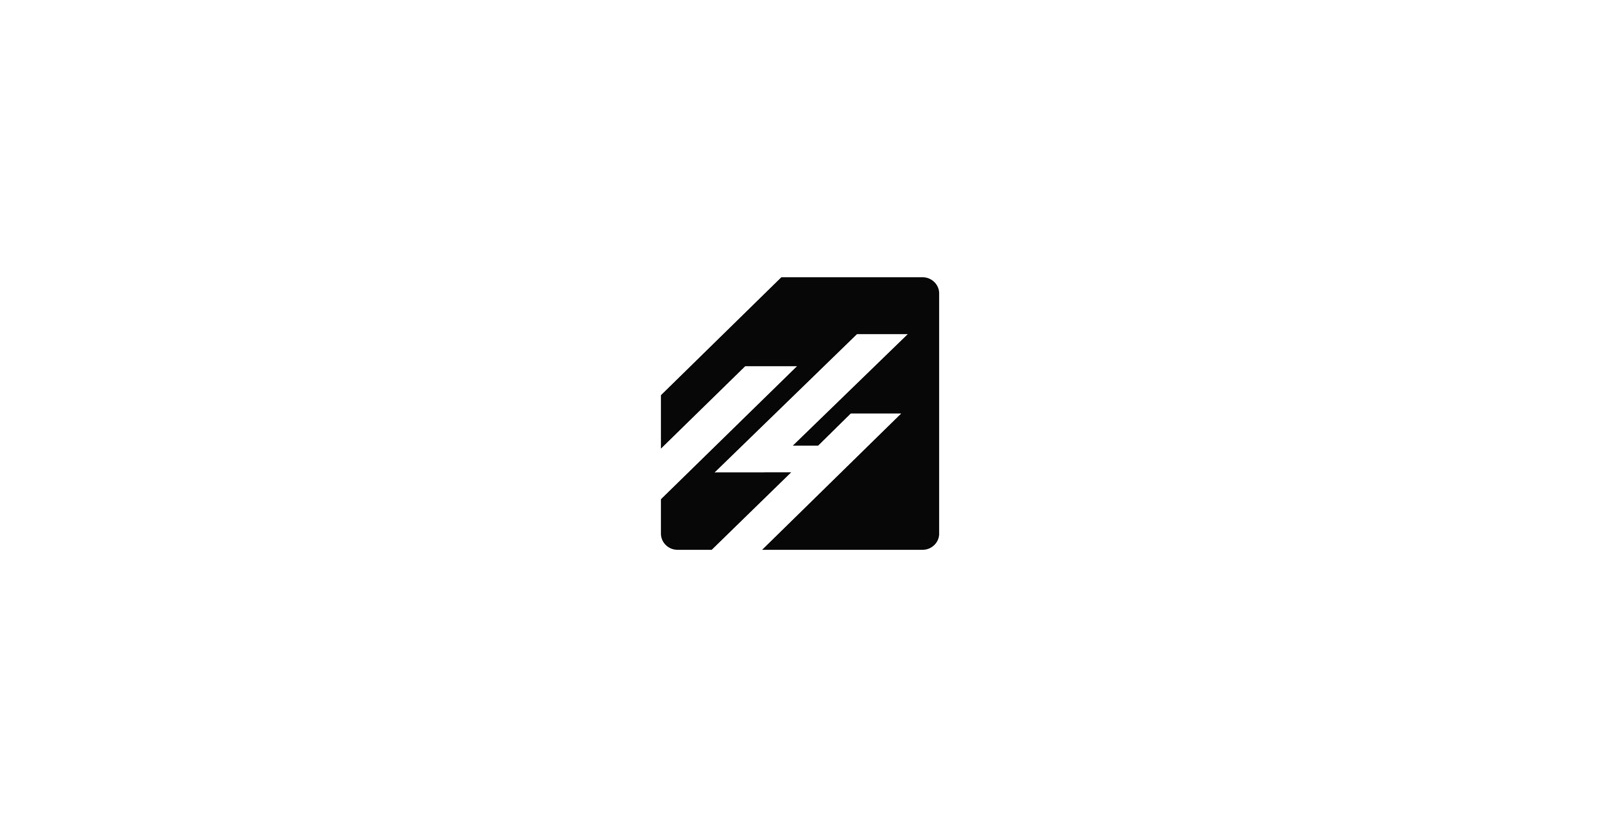 50_logos-12